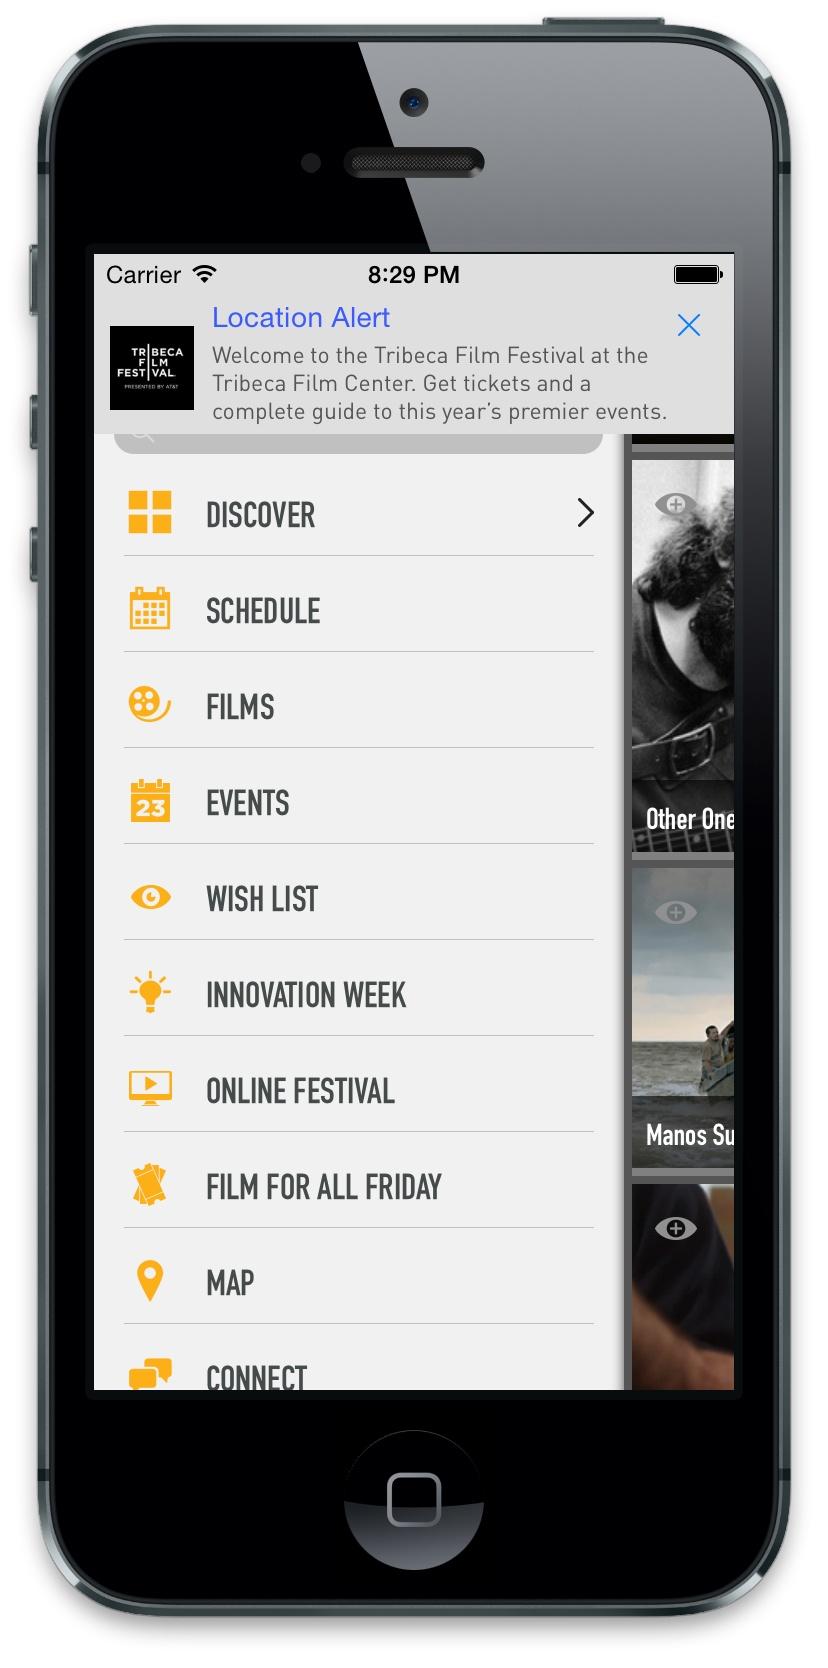 Eventbase Demo - Tribeca Film Festival - Official Mobile Event Guide